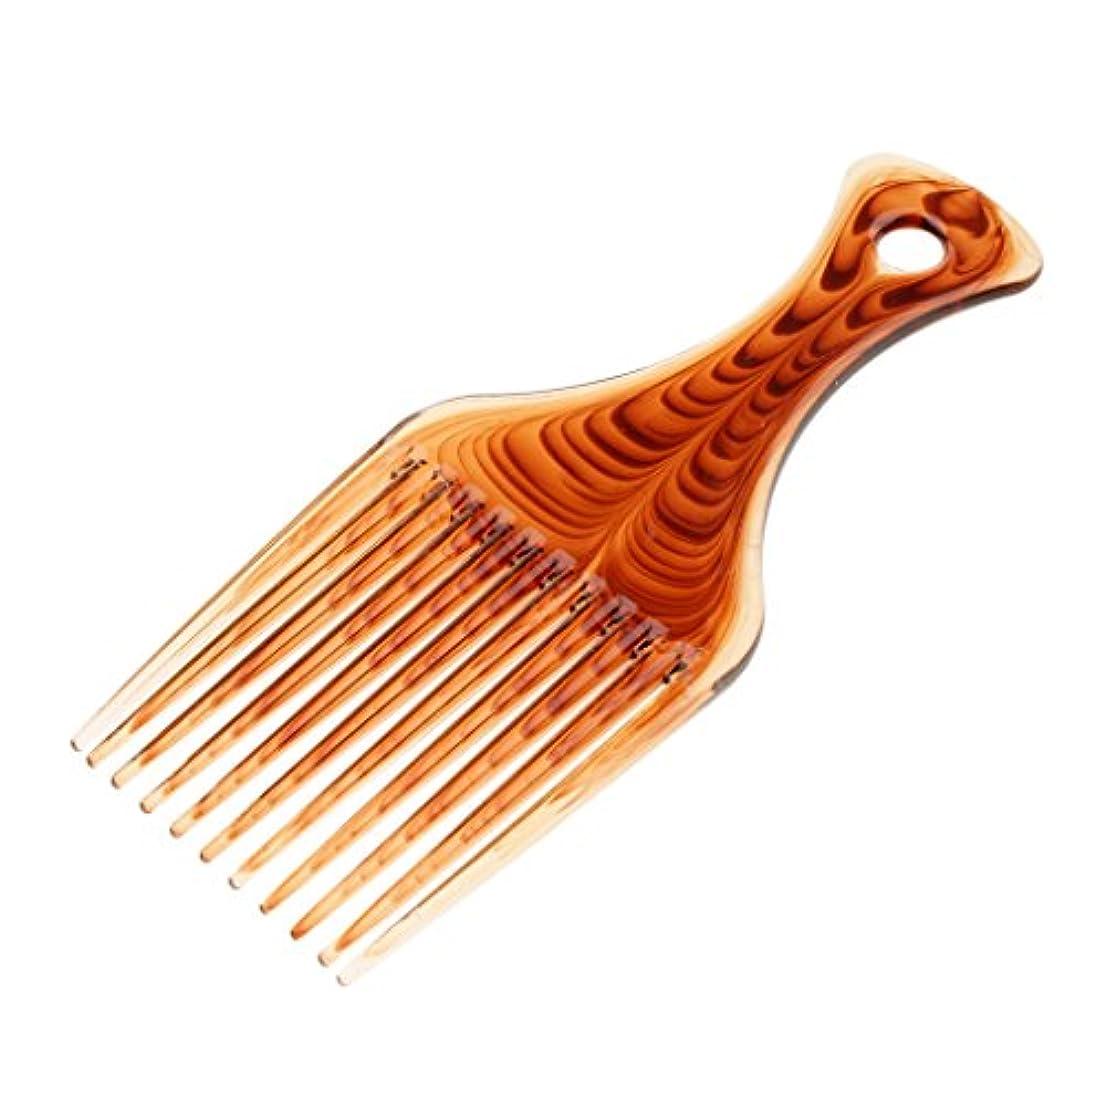 破壊する視線多用途Kesoto ヘアコーム ヘアブラシ くし プラスチック製 アフロ 髪の櫛 かつらにも適用 スタイリング 持ち上げ ヘアブラシ